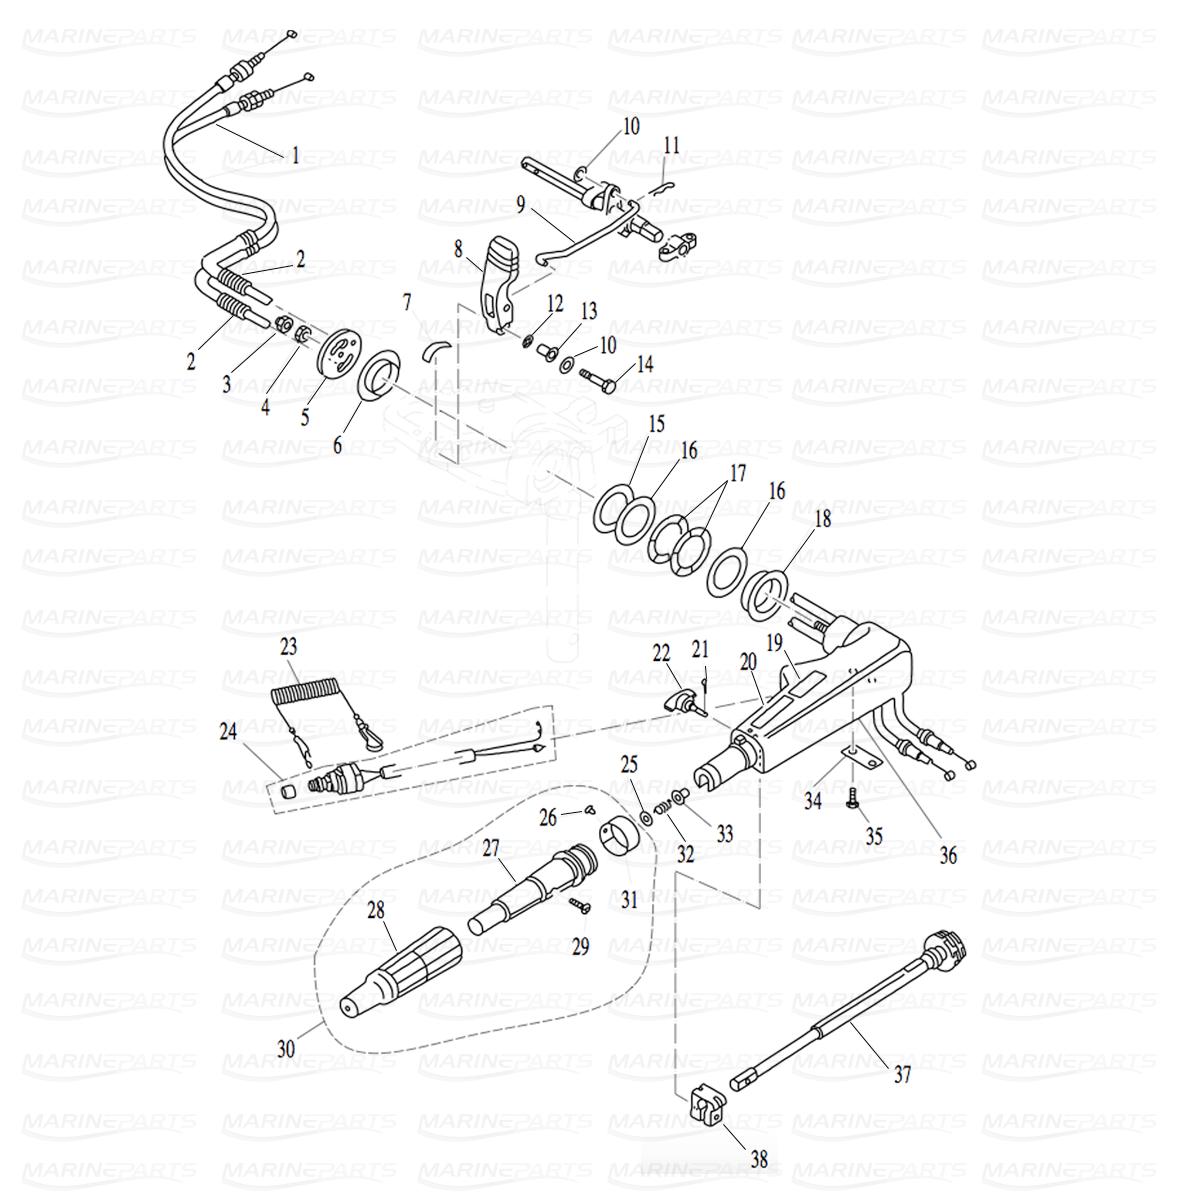 BOLT M5X12, marineparts.eu